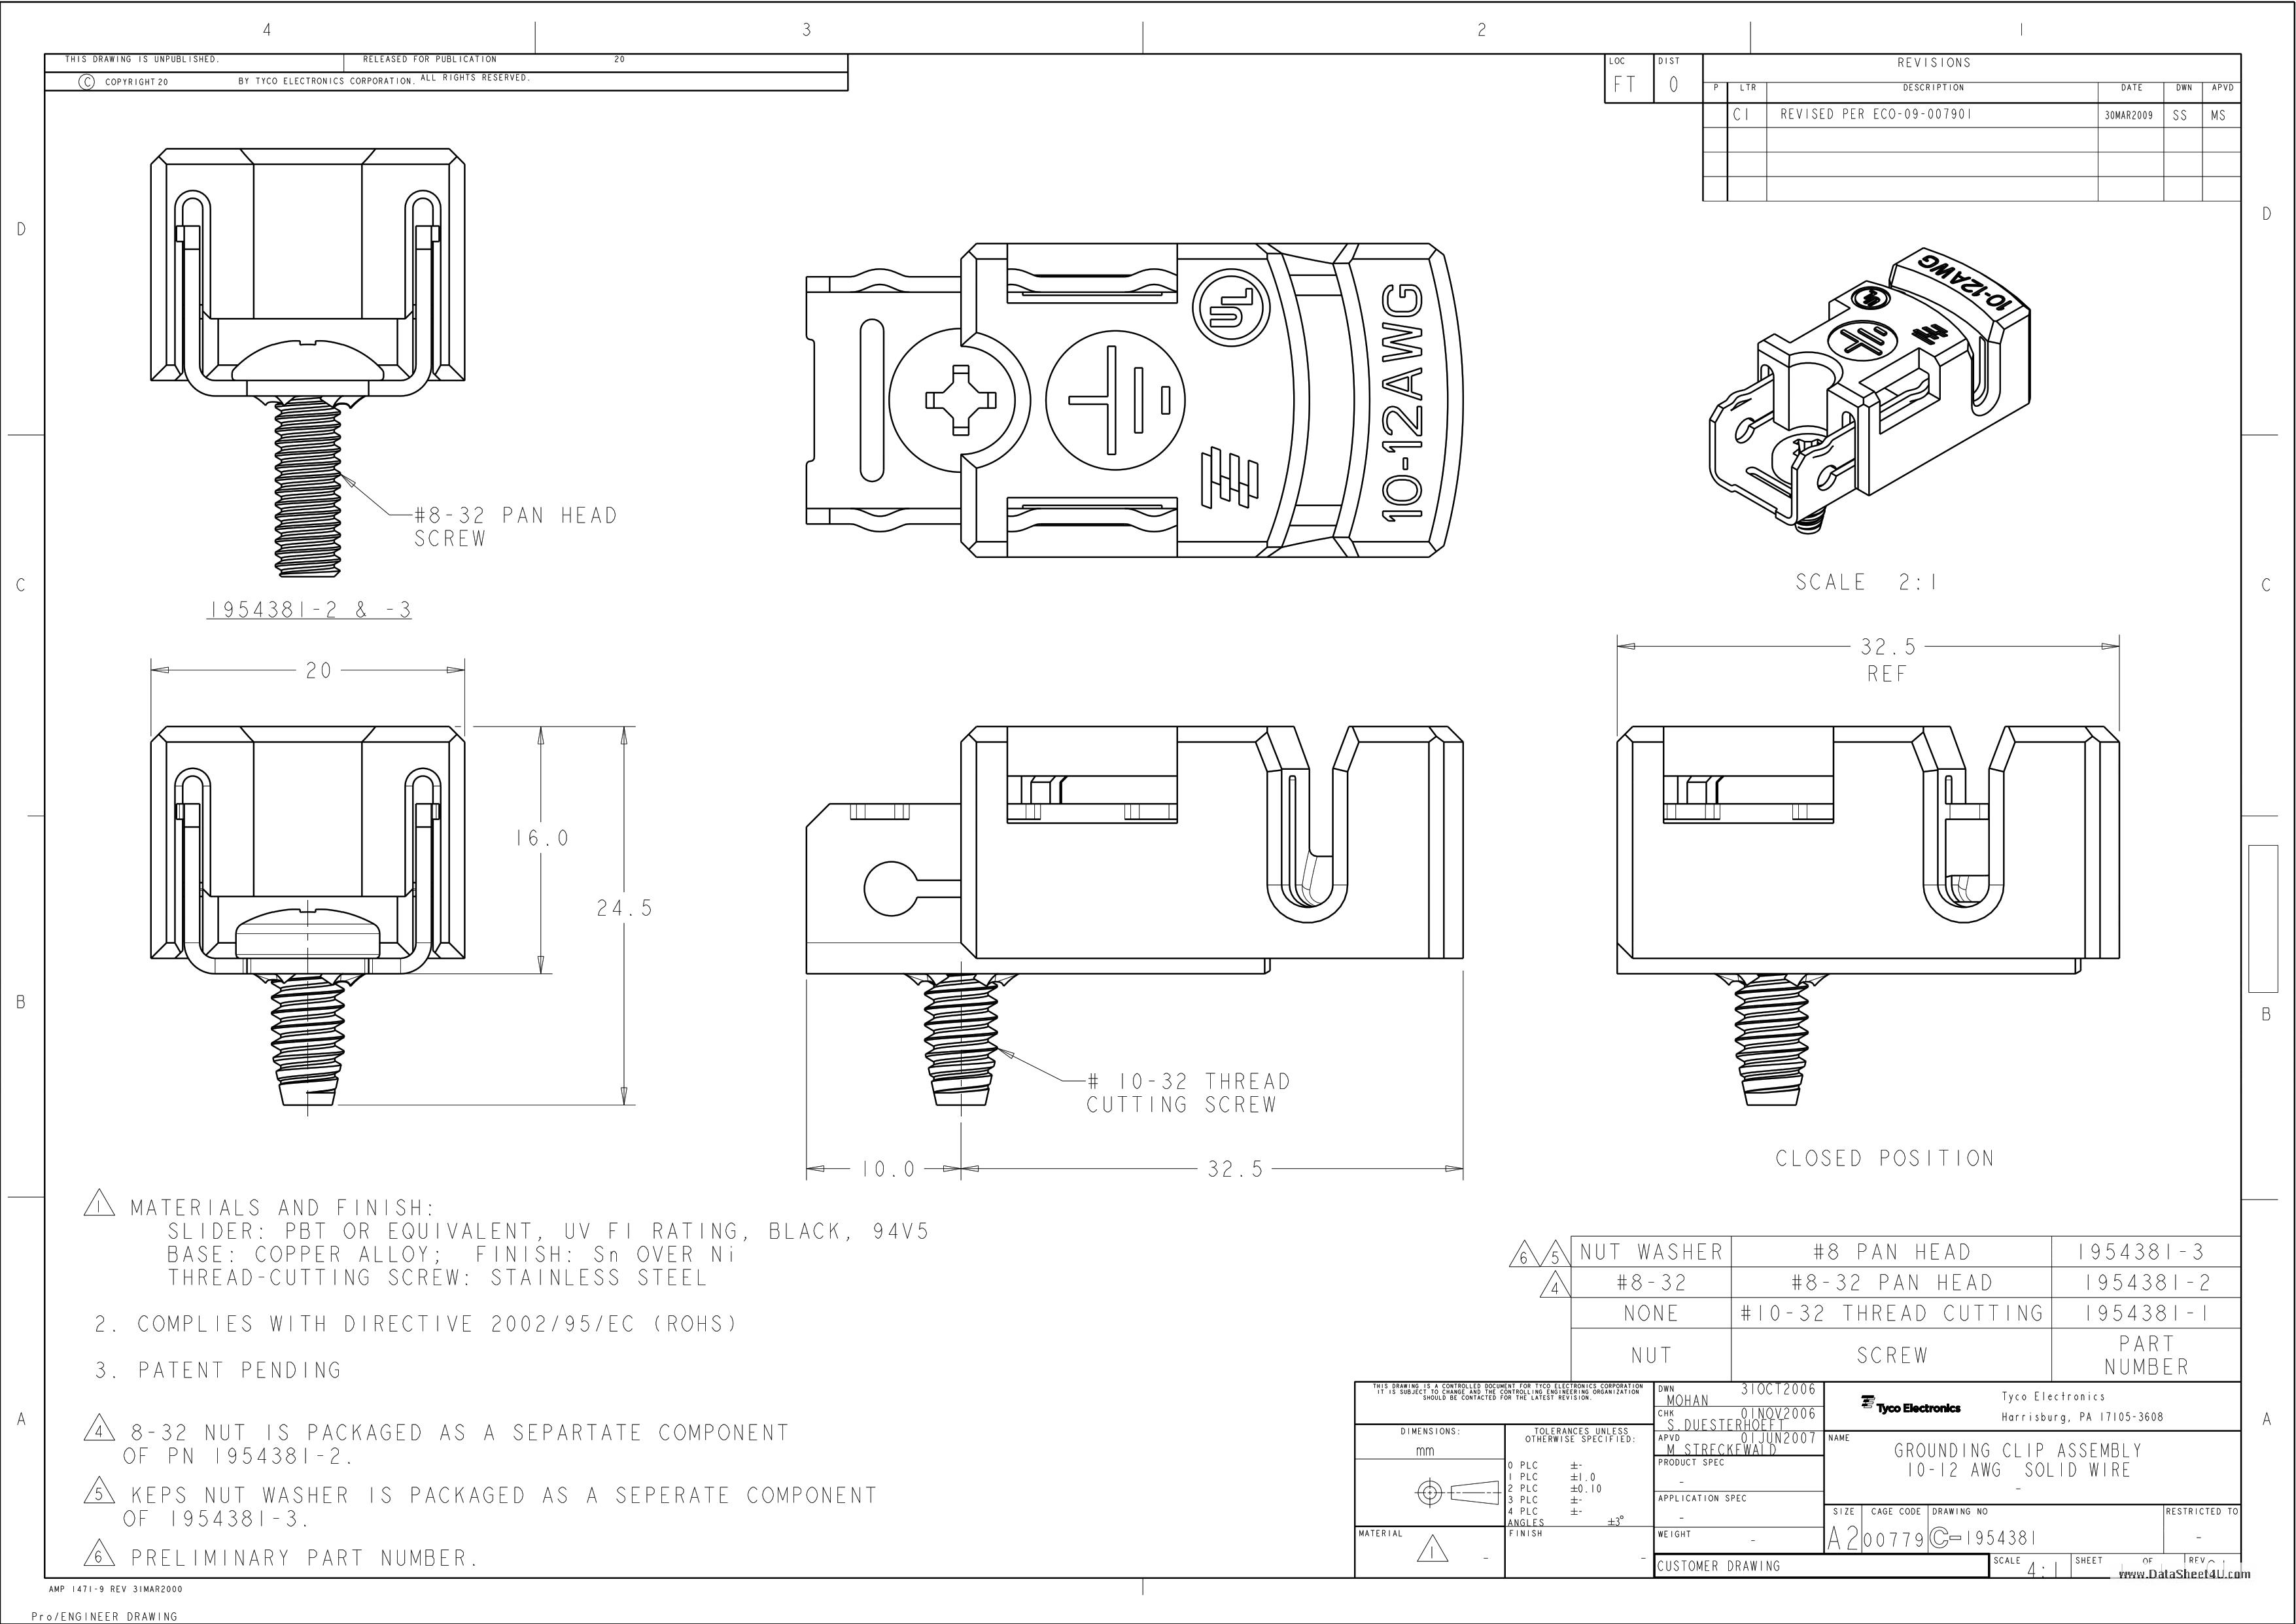 C-1954381 Hoja de datos, Descripción, Manual